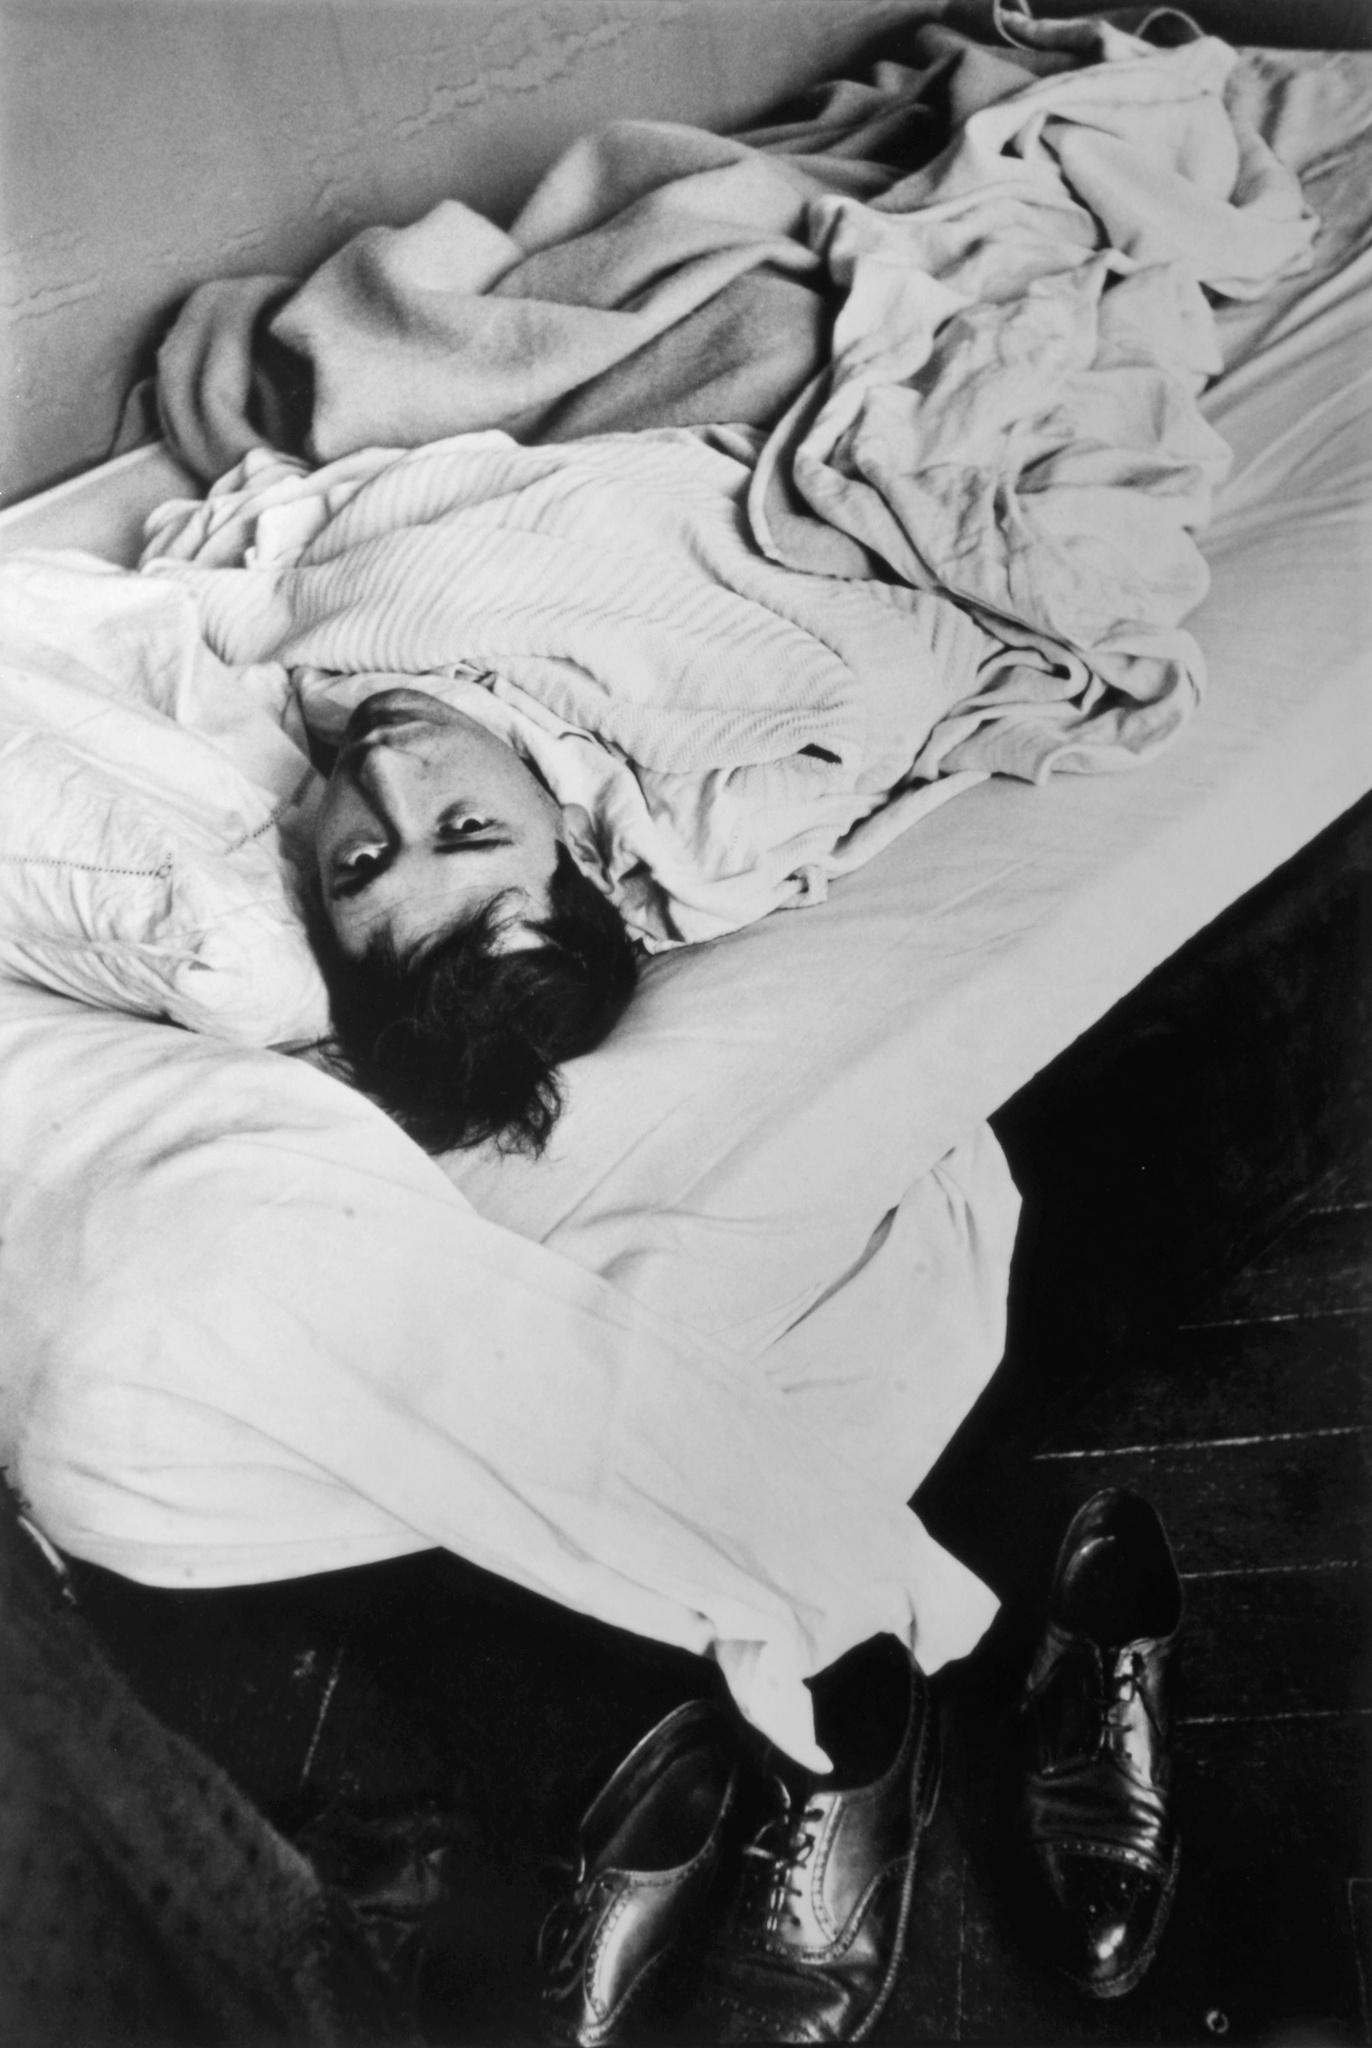 French Art Dealer Pierre Colle, Paris, 1932 - Henri Cartier-Bresson